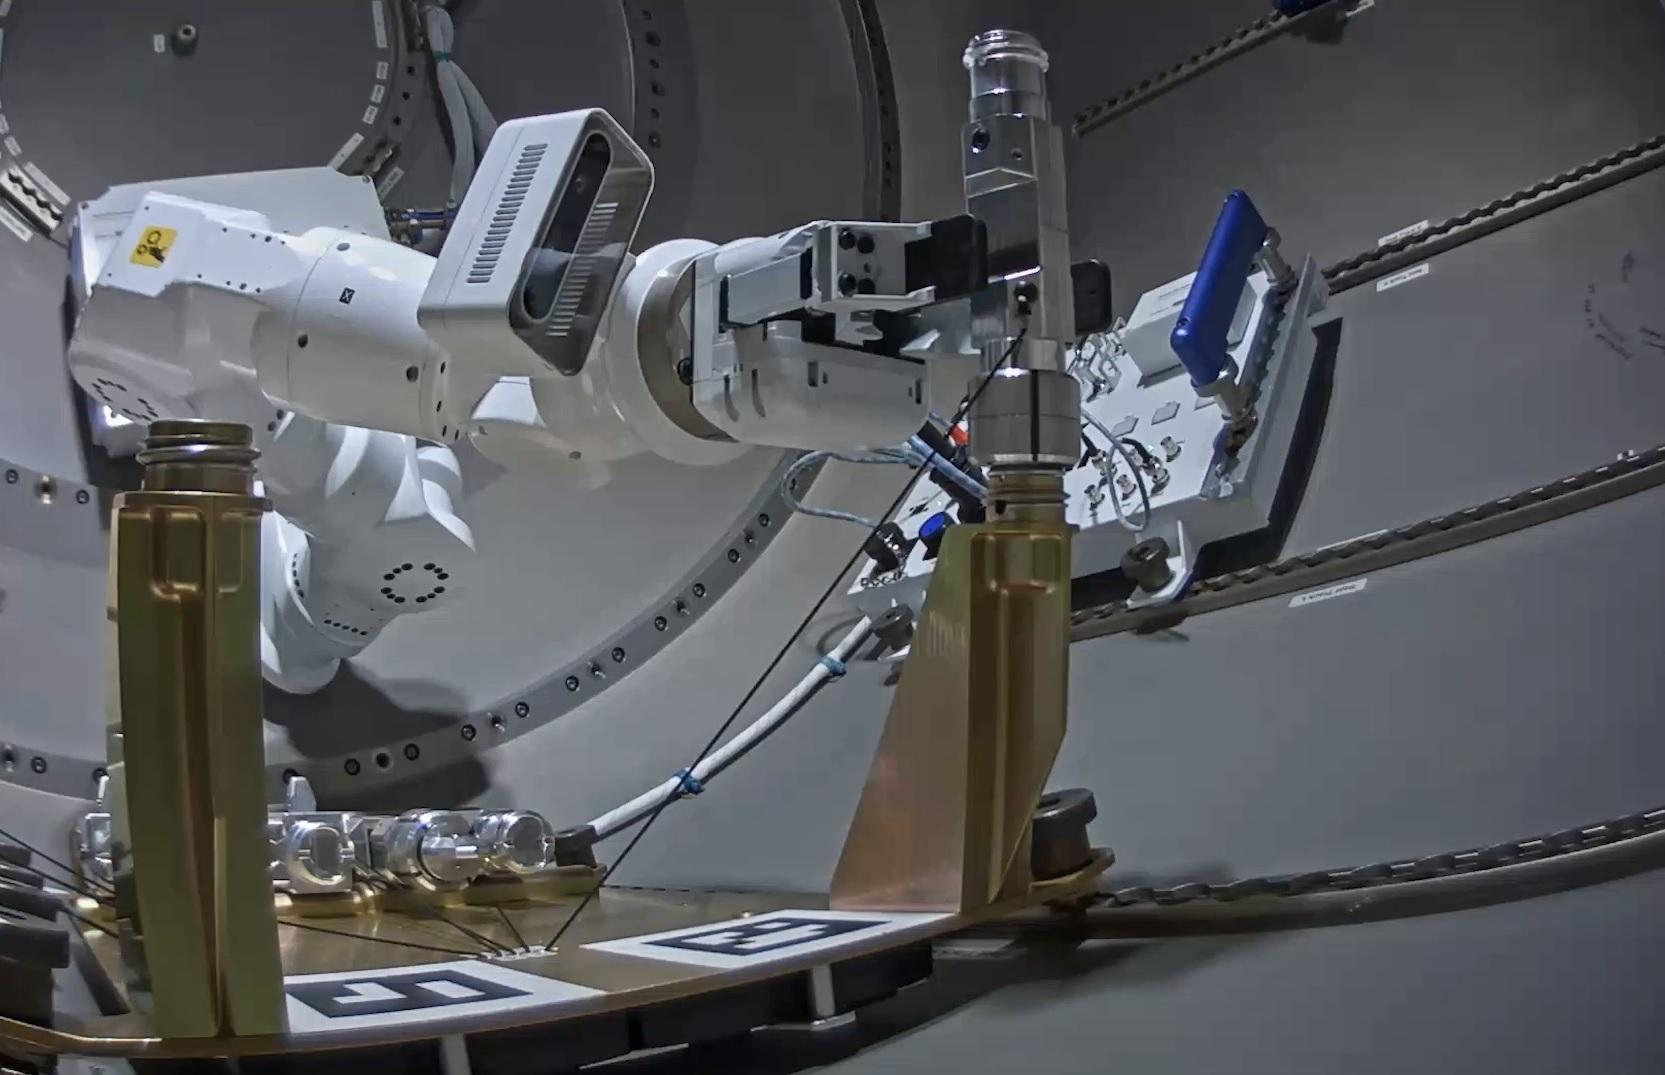 GITAIのロボットによる作業実証に成功